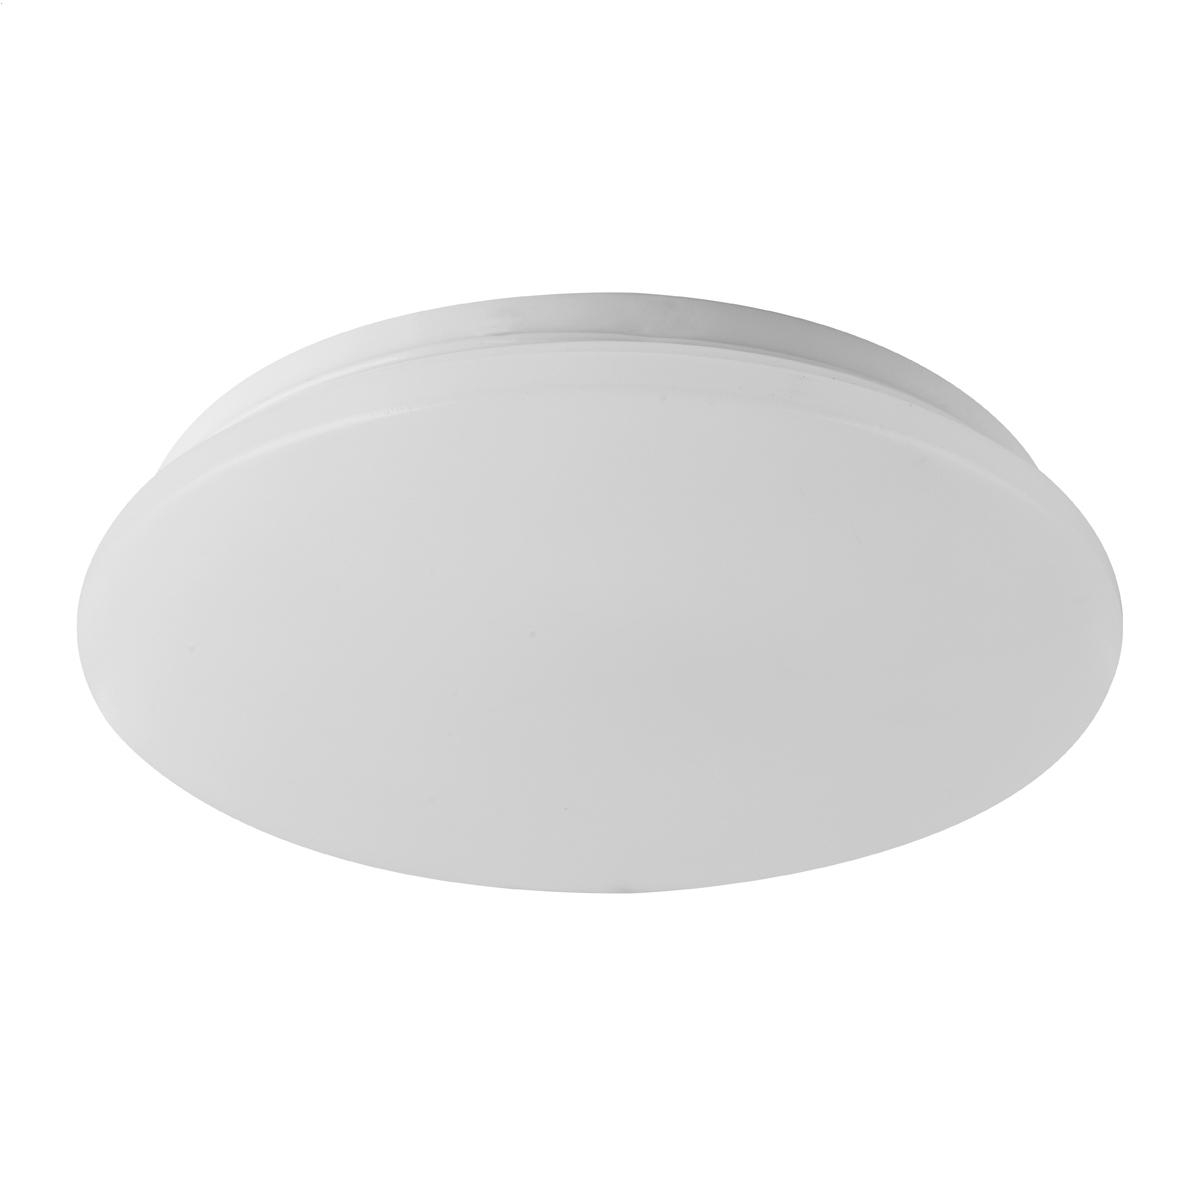 Platinet plafond lamp / plafonniere, 18W, 3000K, frosted, 30 cm doorsnede, 1680lumen